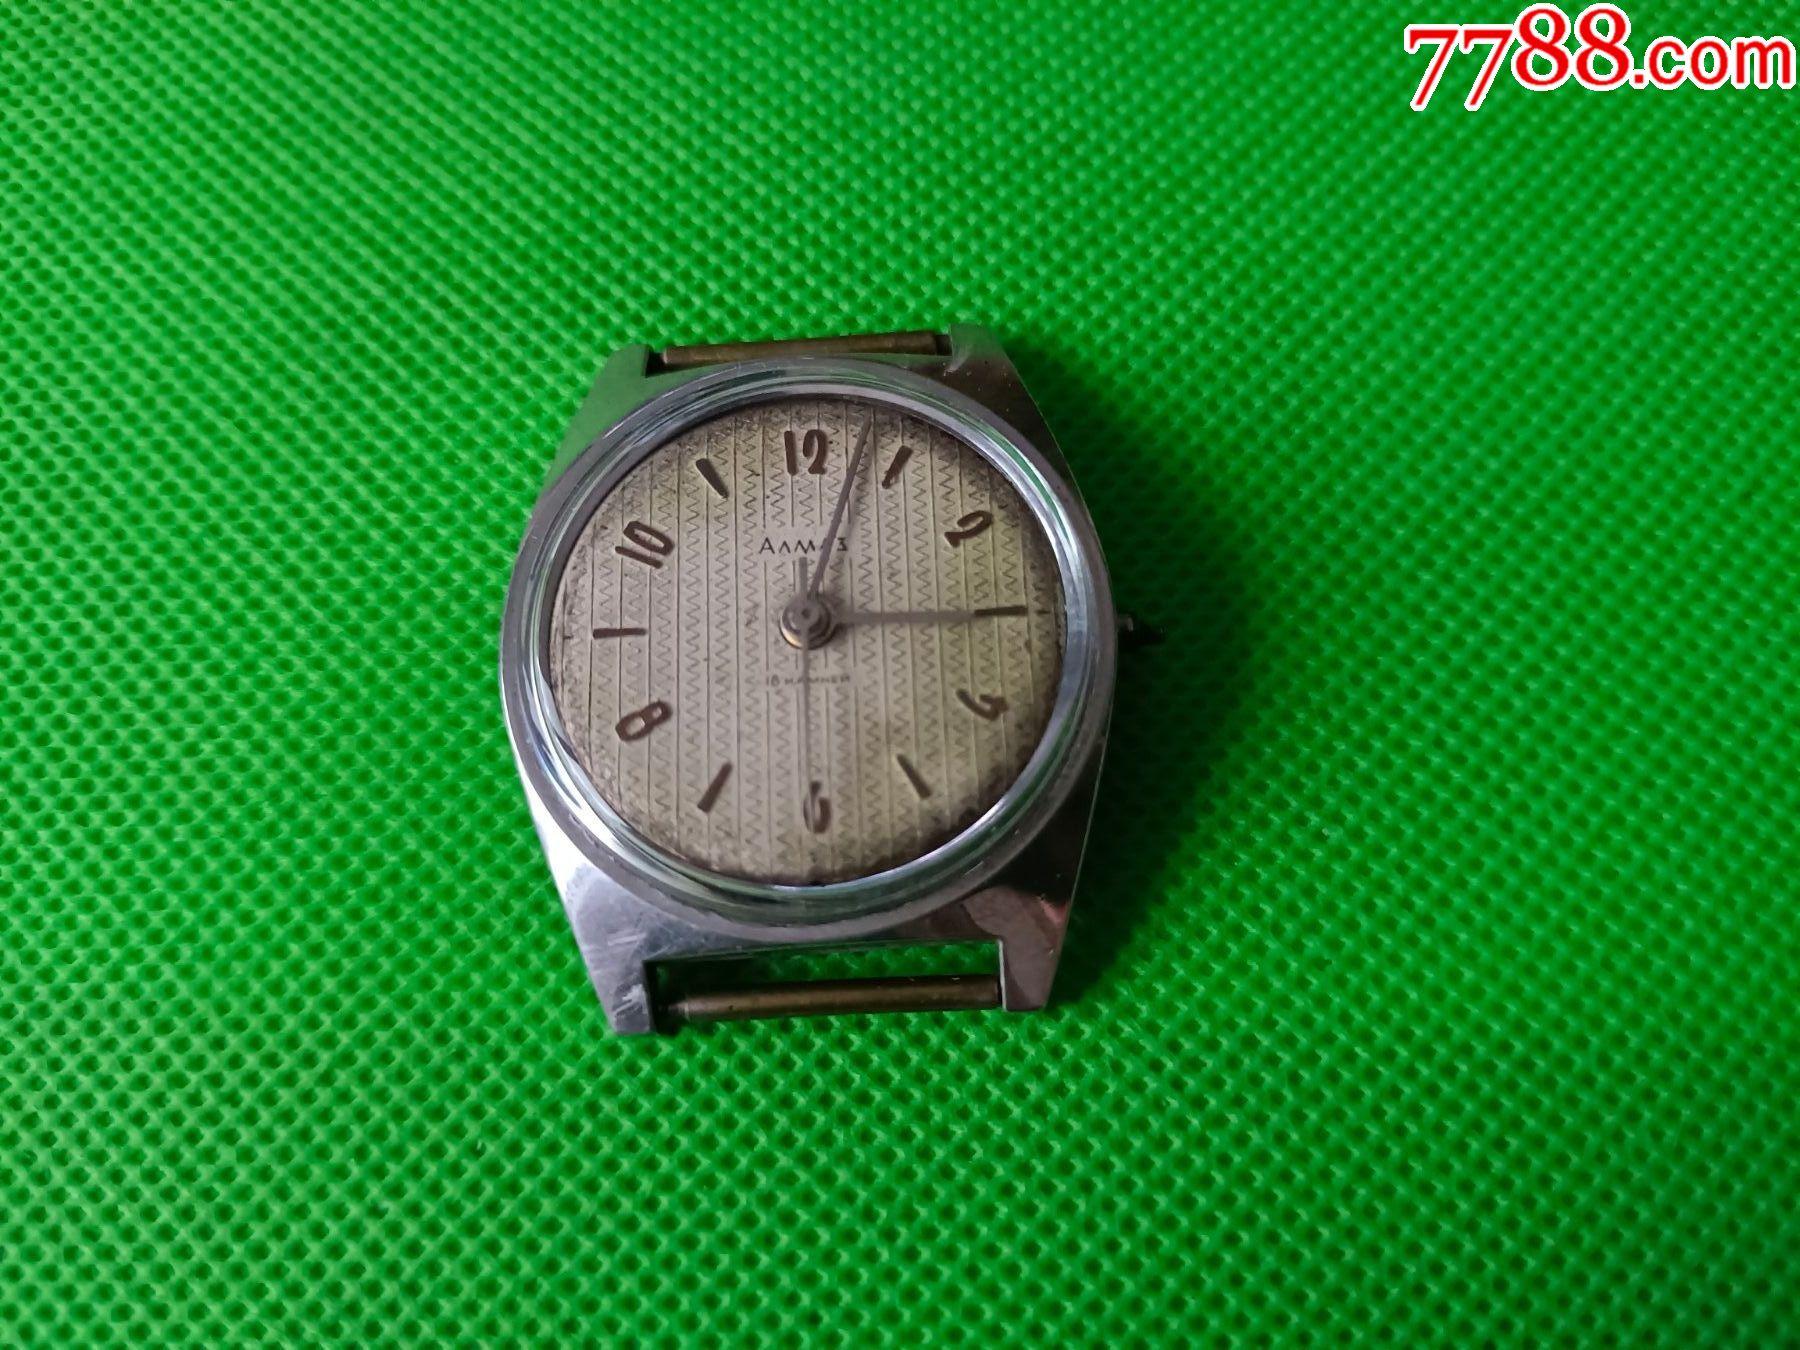 苏联手表_价格40元_第1张_